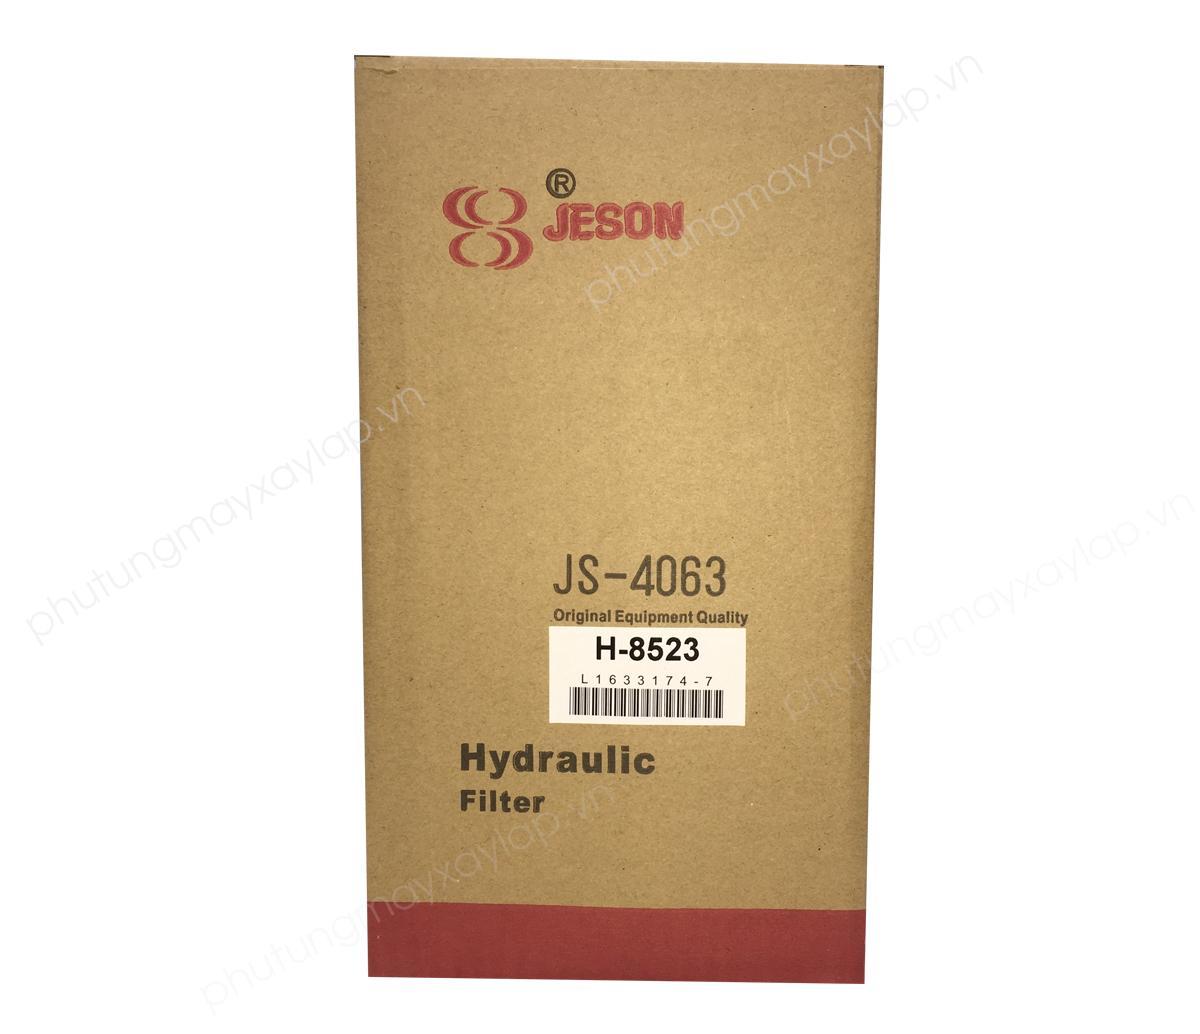 Lọc thủy lưc JS4063-H8523/H4101